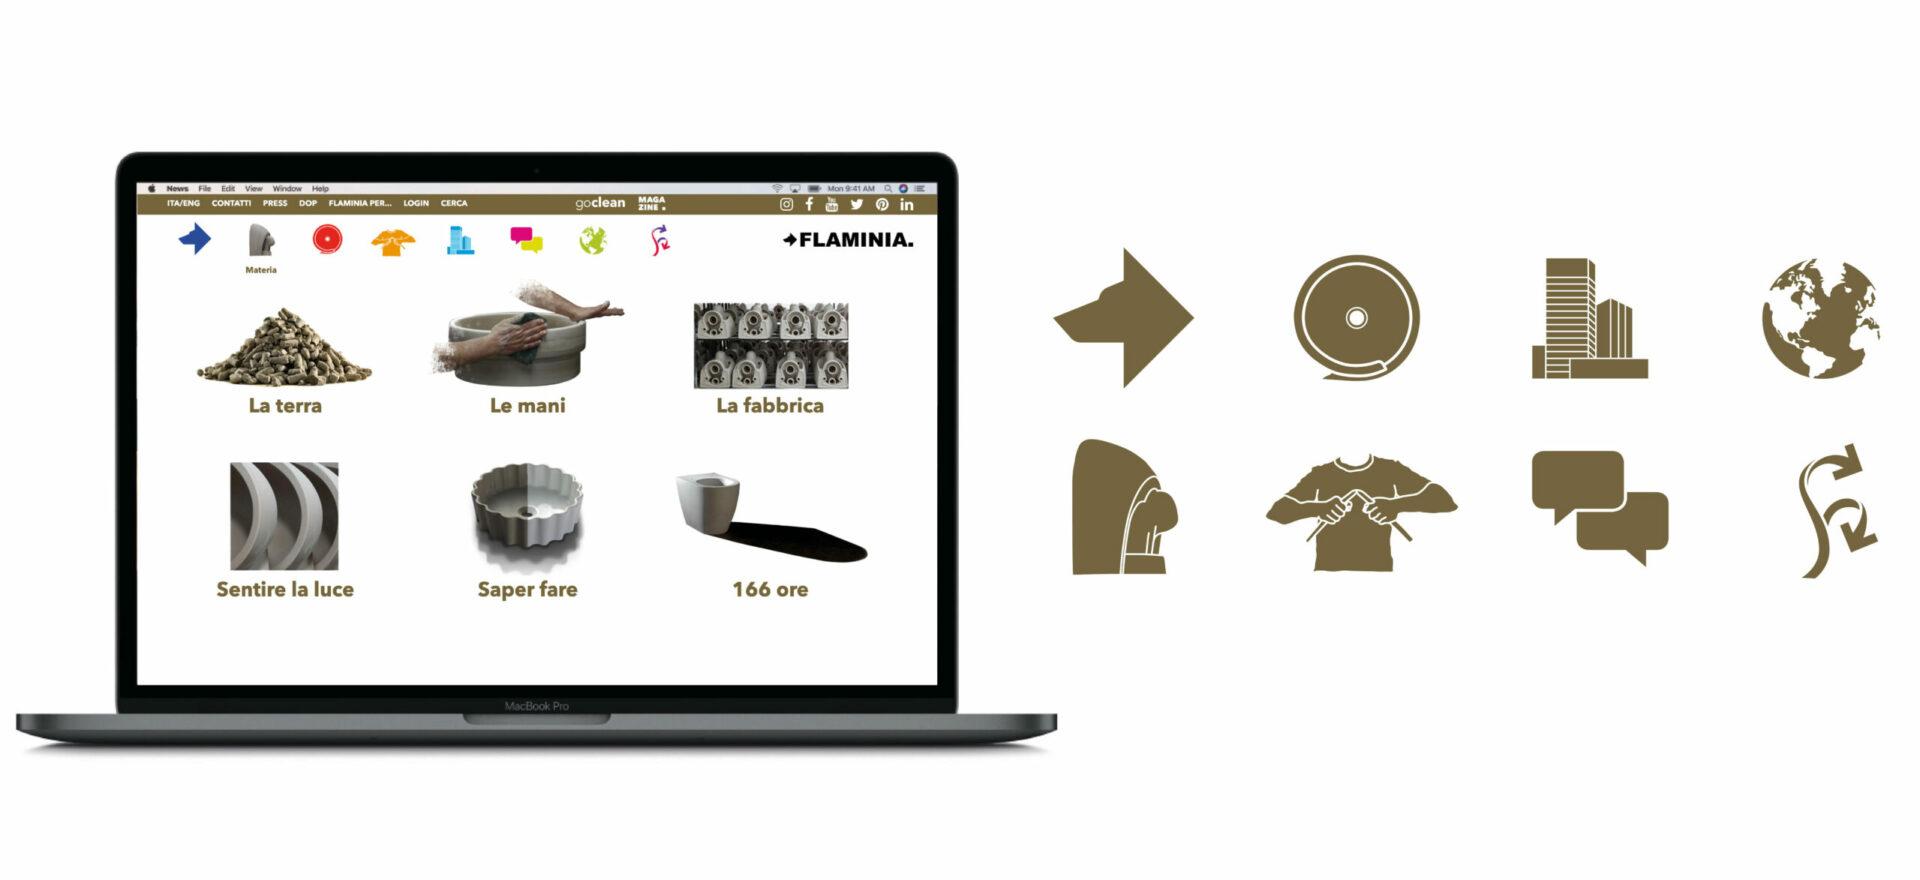 Website Iconography| Graphic Design | Art Direction | Ceramica Flaminia | Mario Trimarchi Design | Fragile